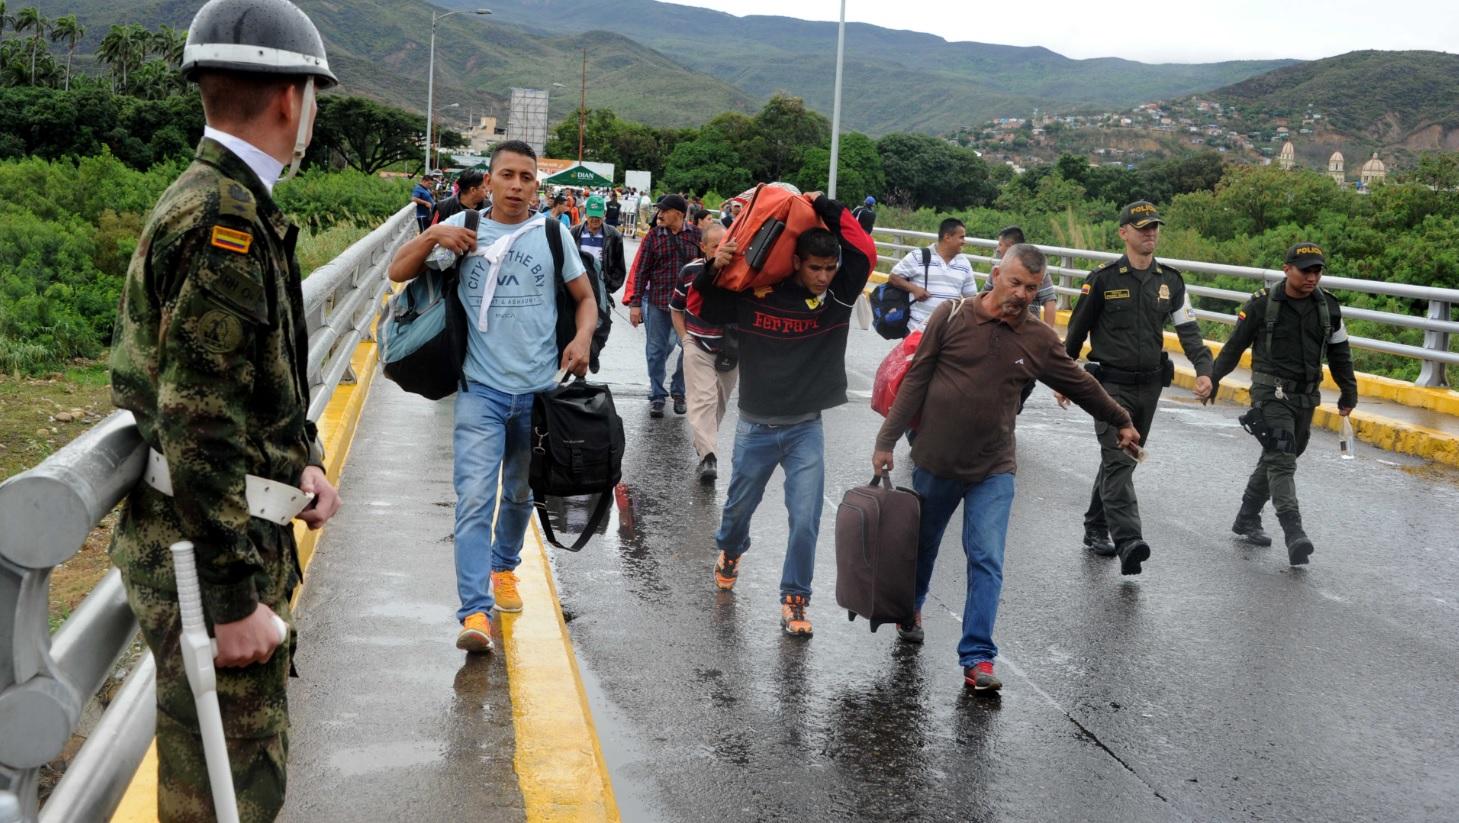 ESTADOS UNIDOS DESTINA $336 MILLONES PARA MIGRANTES VENEZOLANOS QUE ESTAN EN PAÍSES COMO COLOMBIA